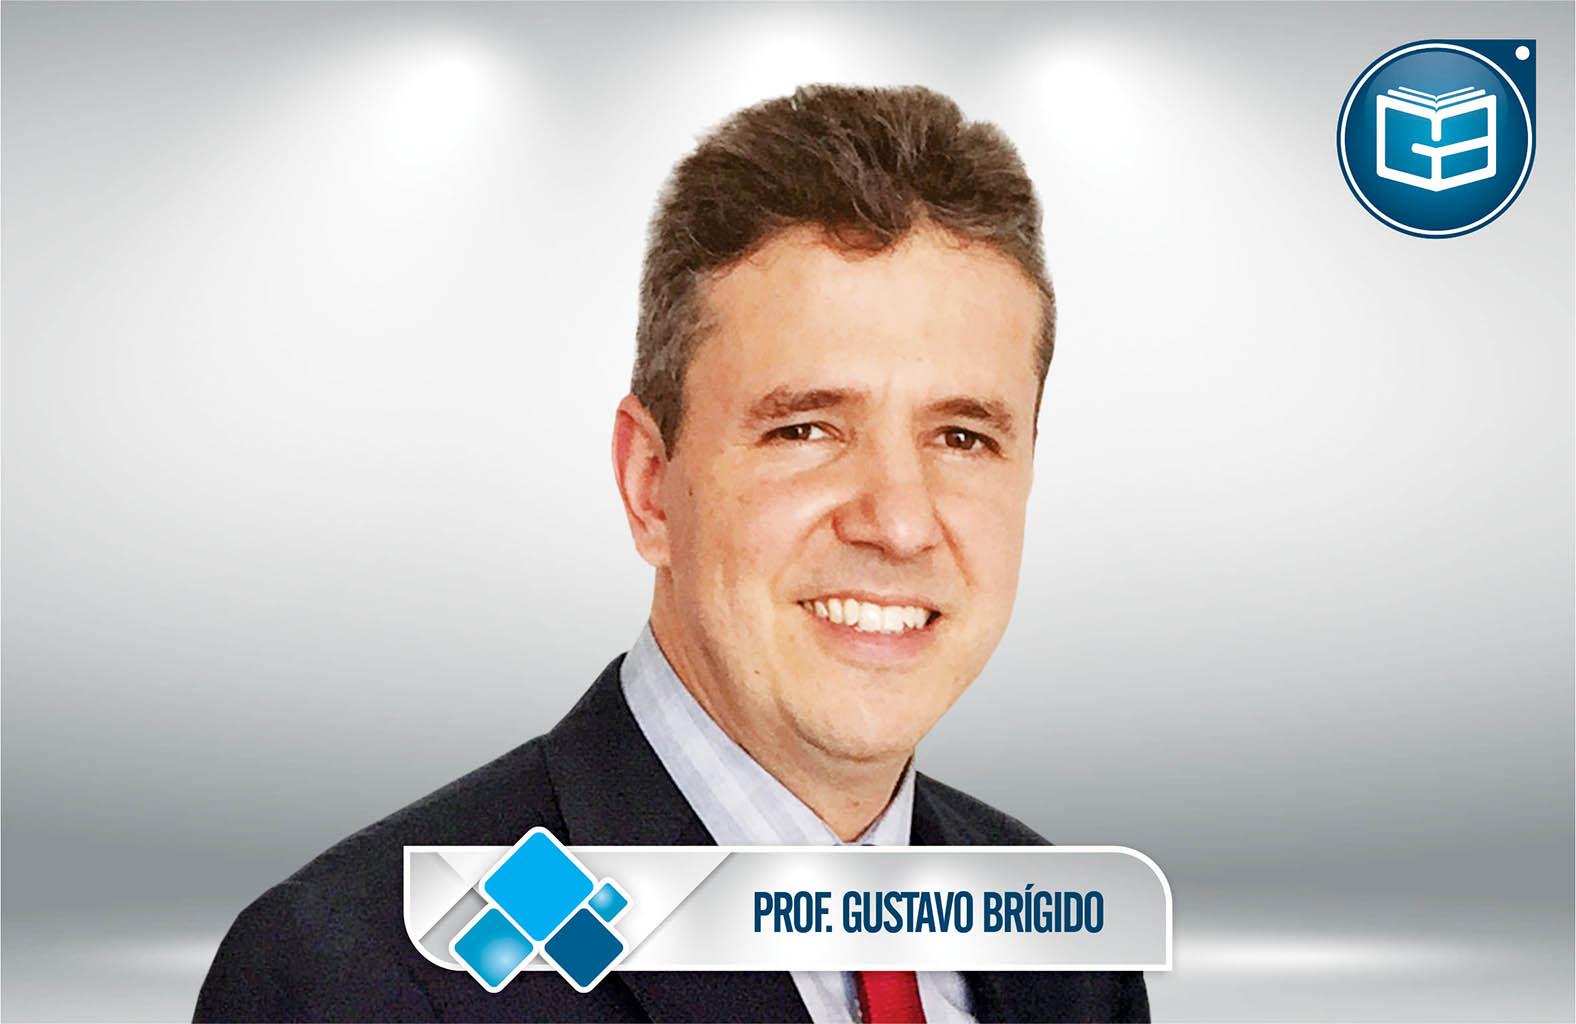 Noções de Direitos Humanos e Participação Social - DEPEN - Professor Gustavo Brígido